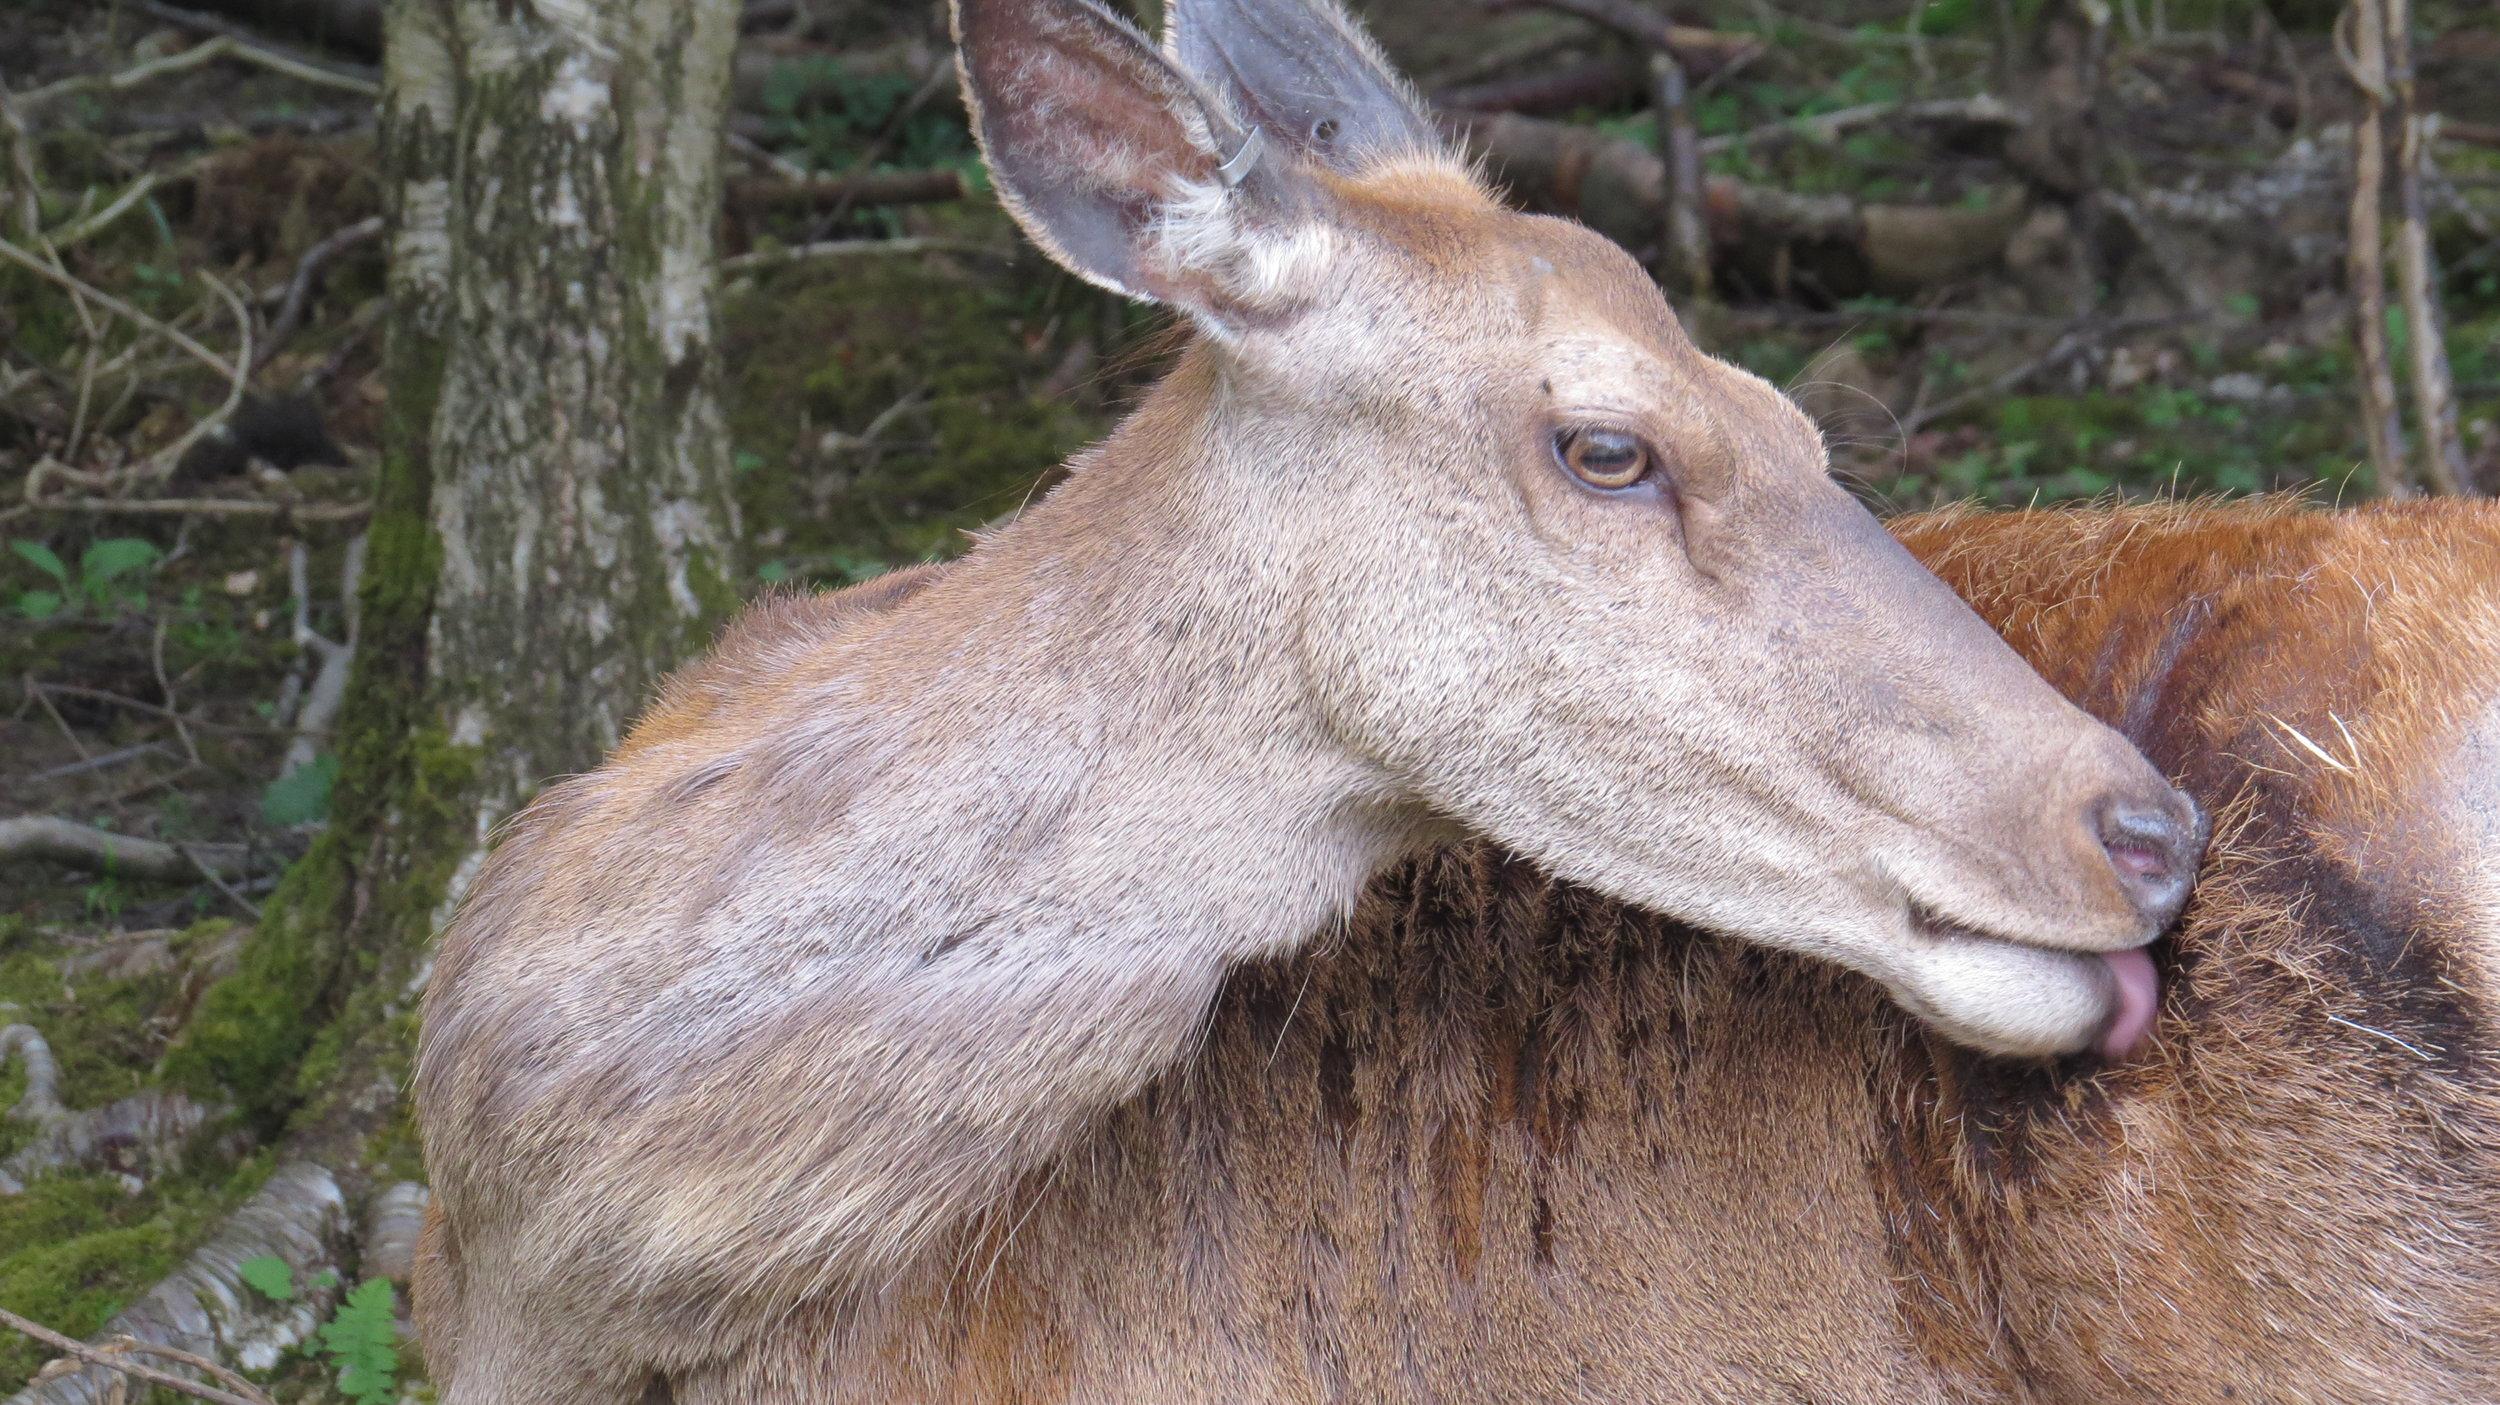 Female Red Deer